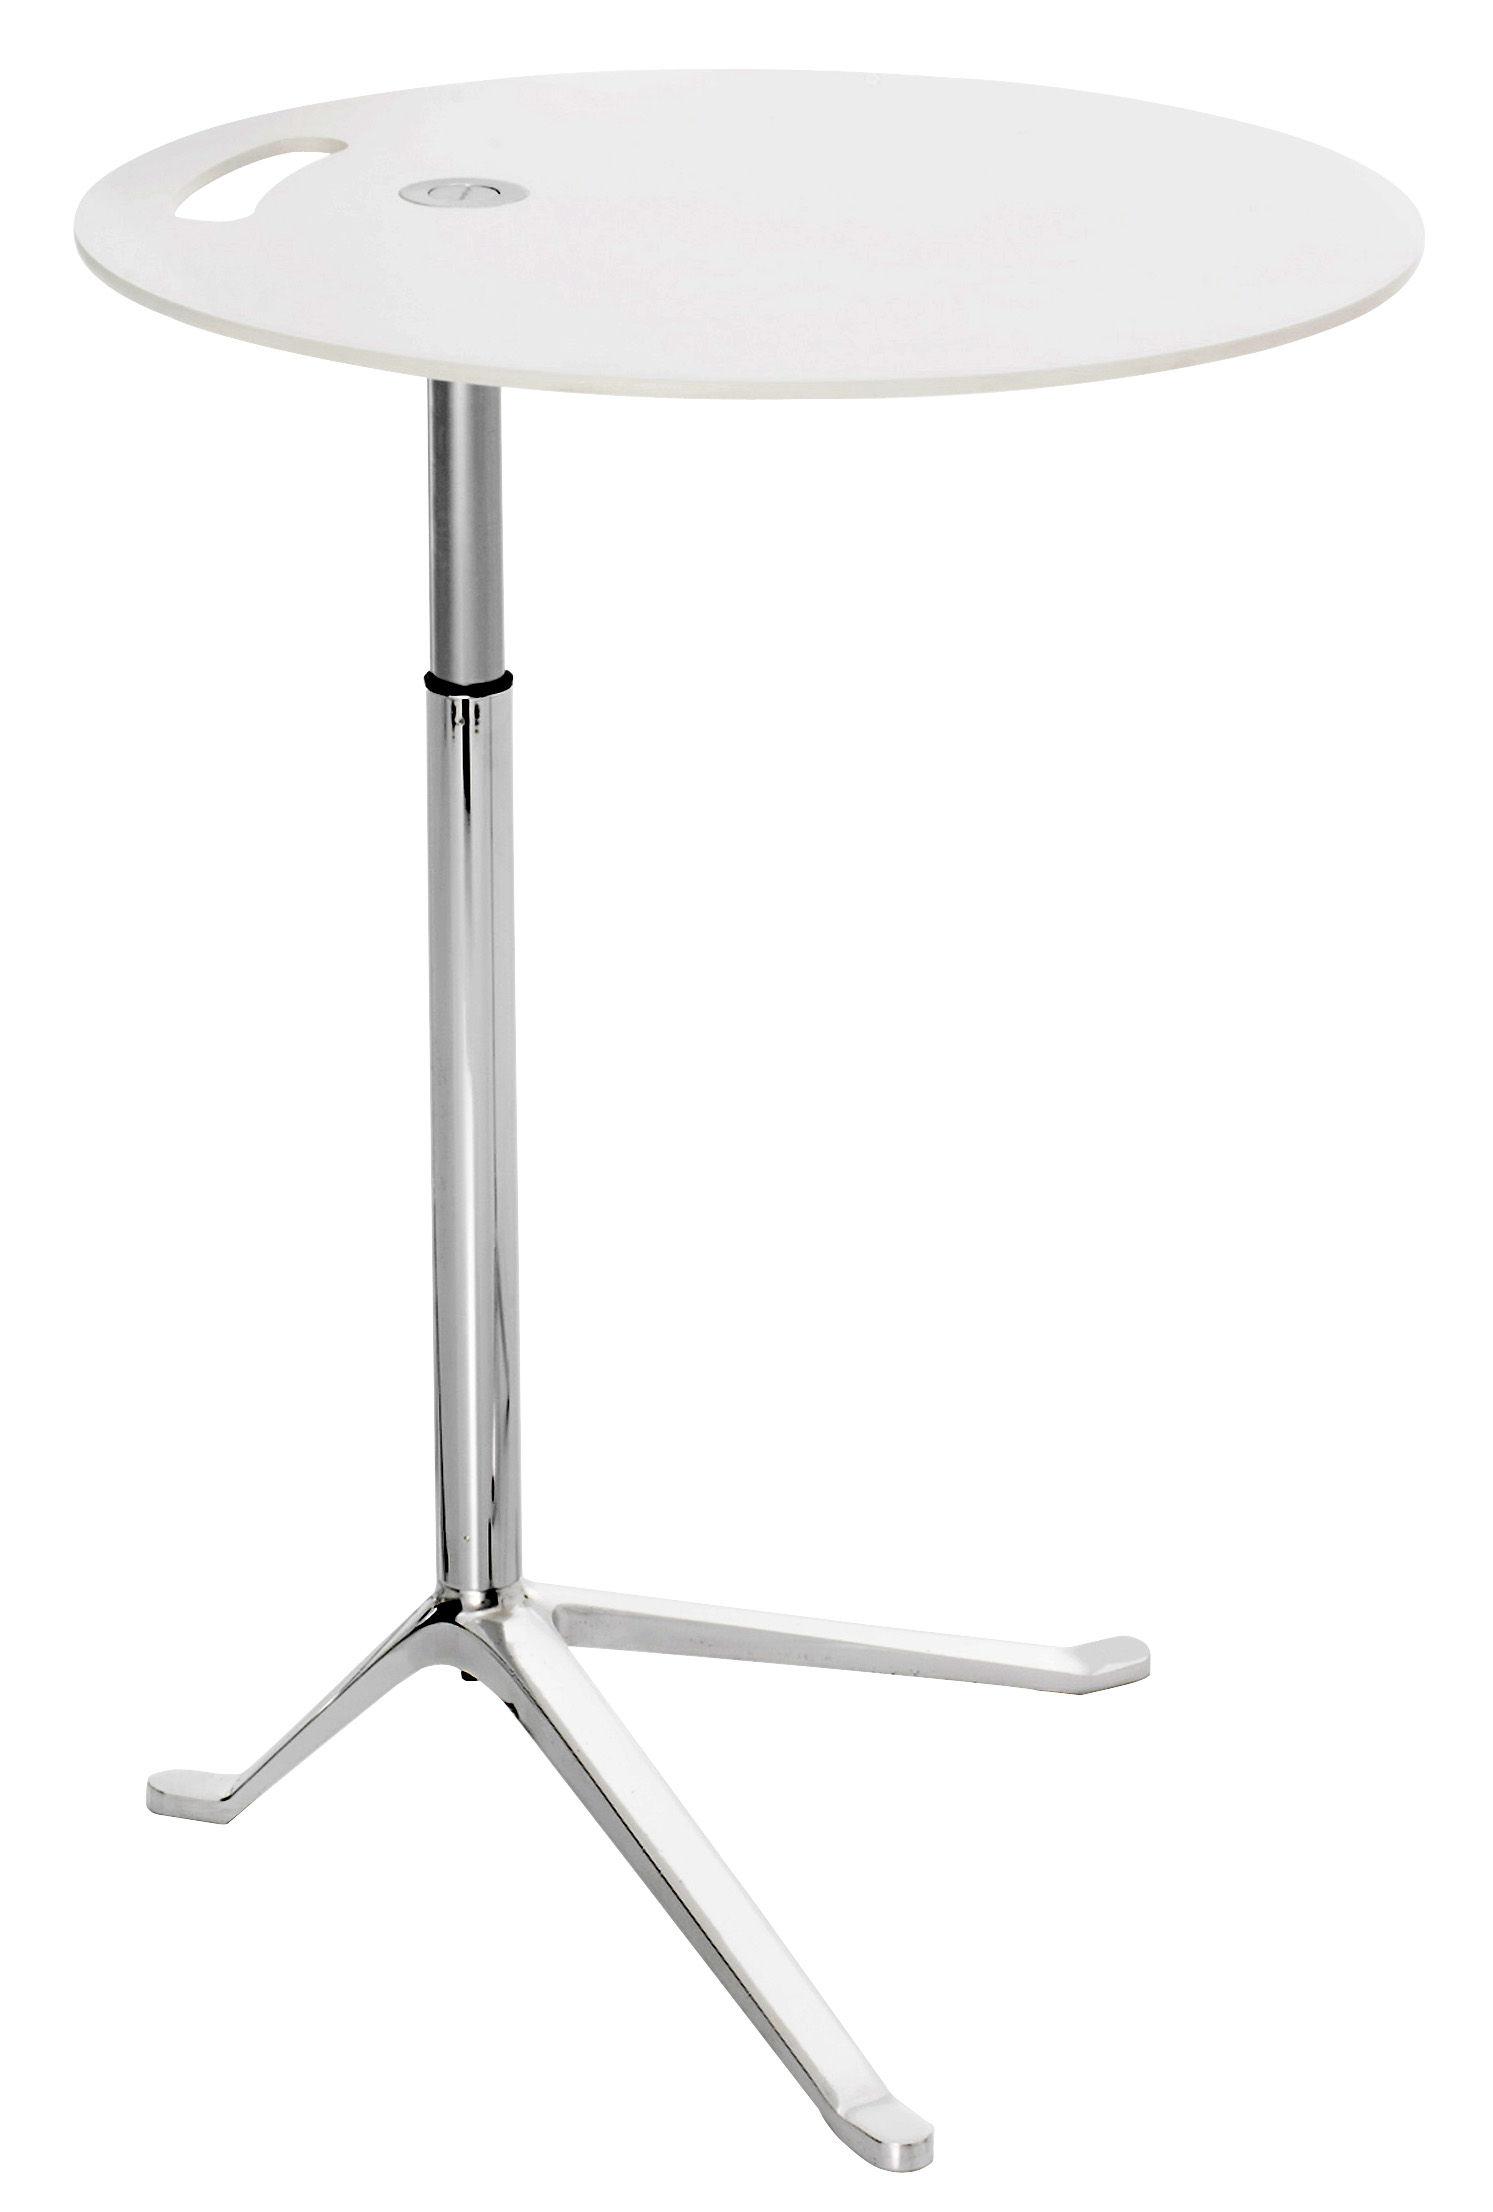 Mobilier - Tables basses - Guéridon Little Friend réglable en hauteur - H 50 /73 cm x Ø 45 cm - Fritz Hansen - Blanc - Aluminium poli, Laminé